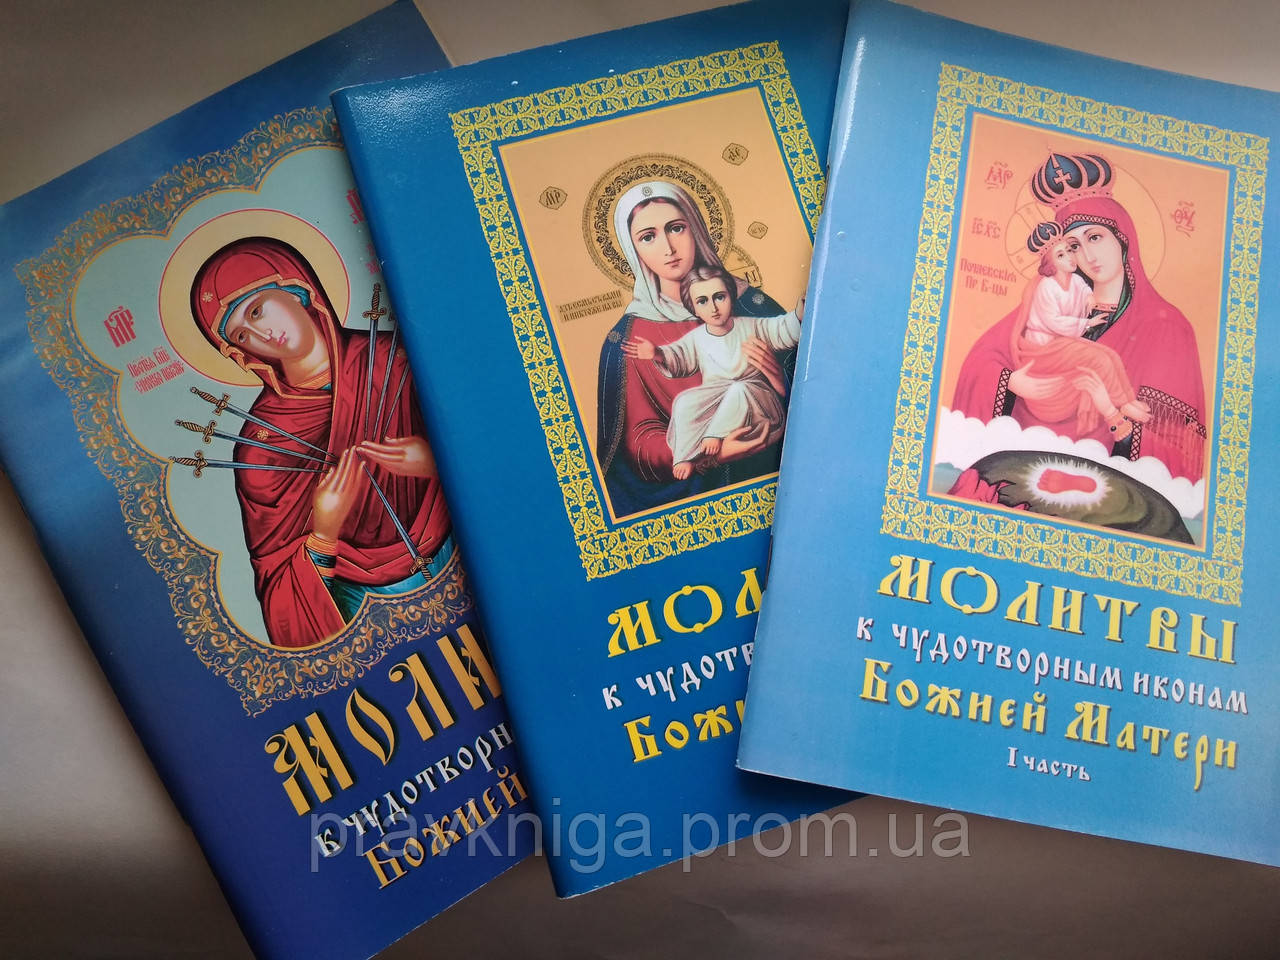 Молитвы к  чудотворным иконам Божией Матери в трех частях (брошюры)